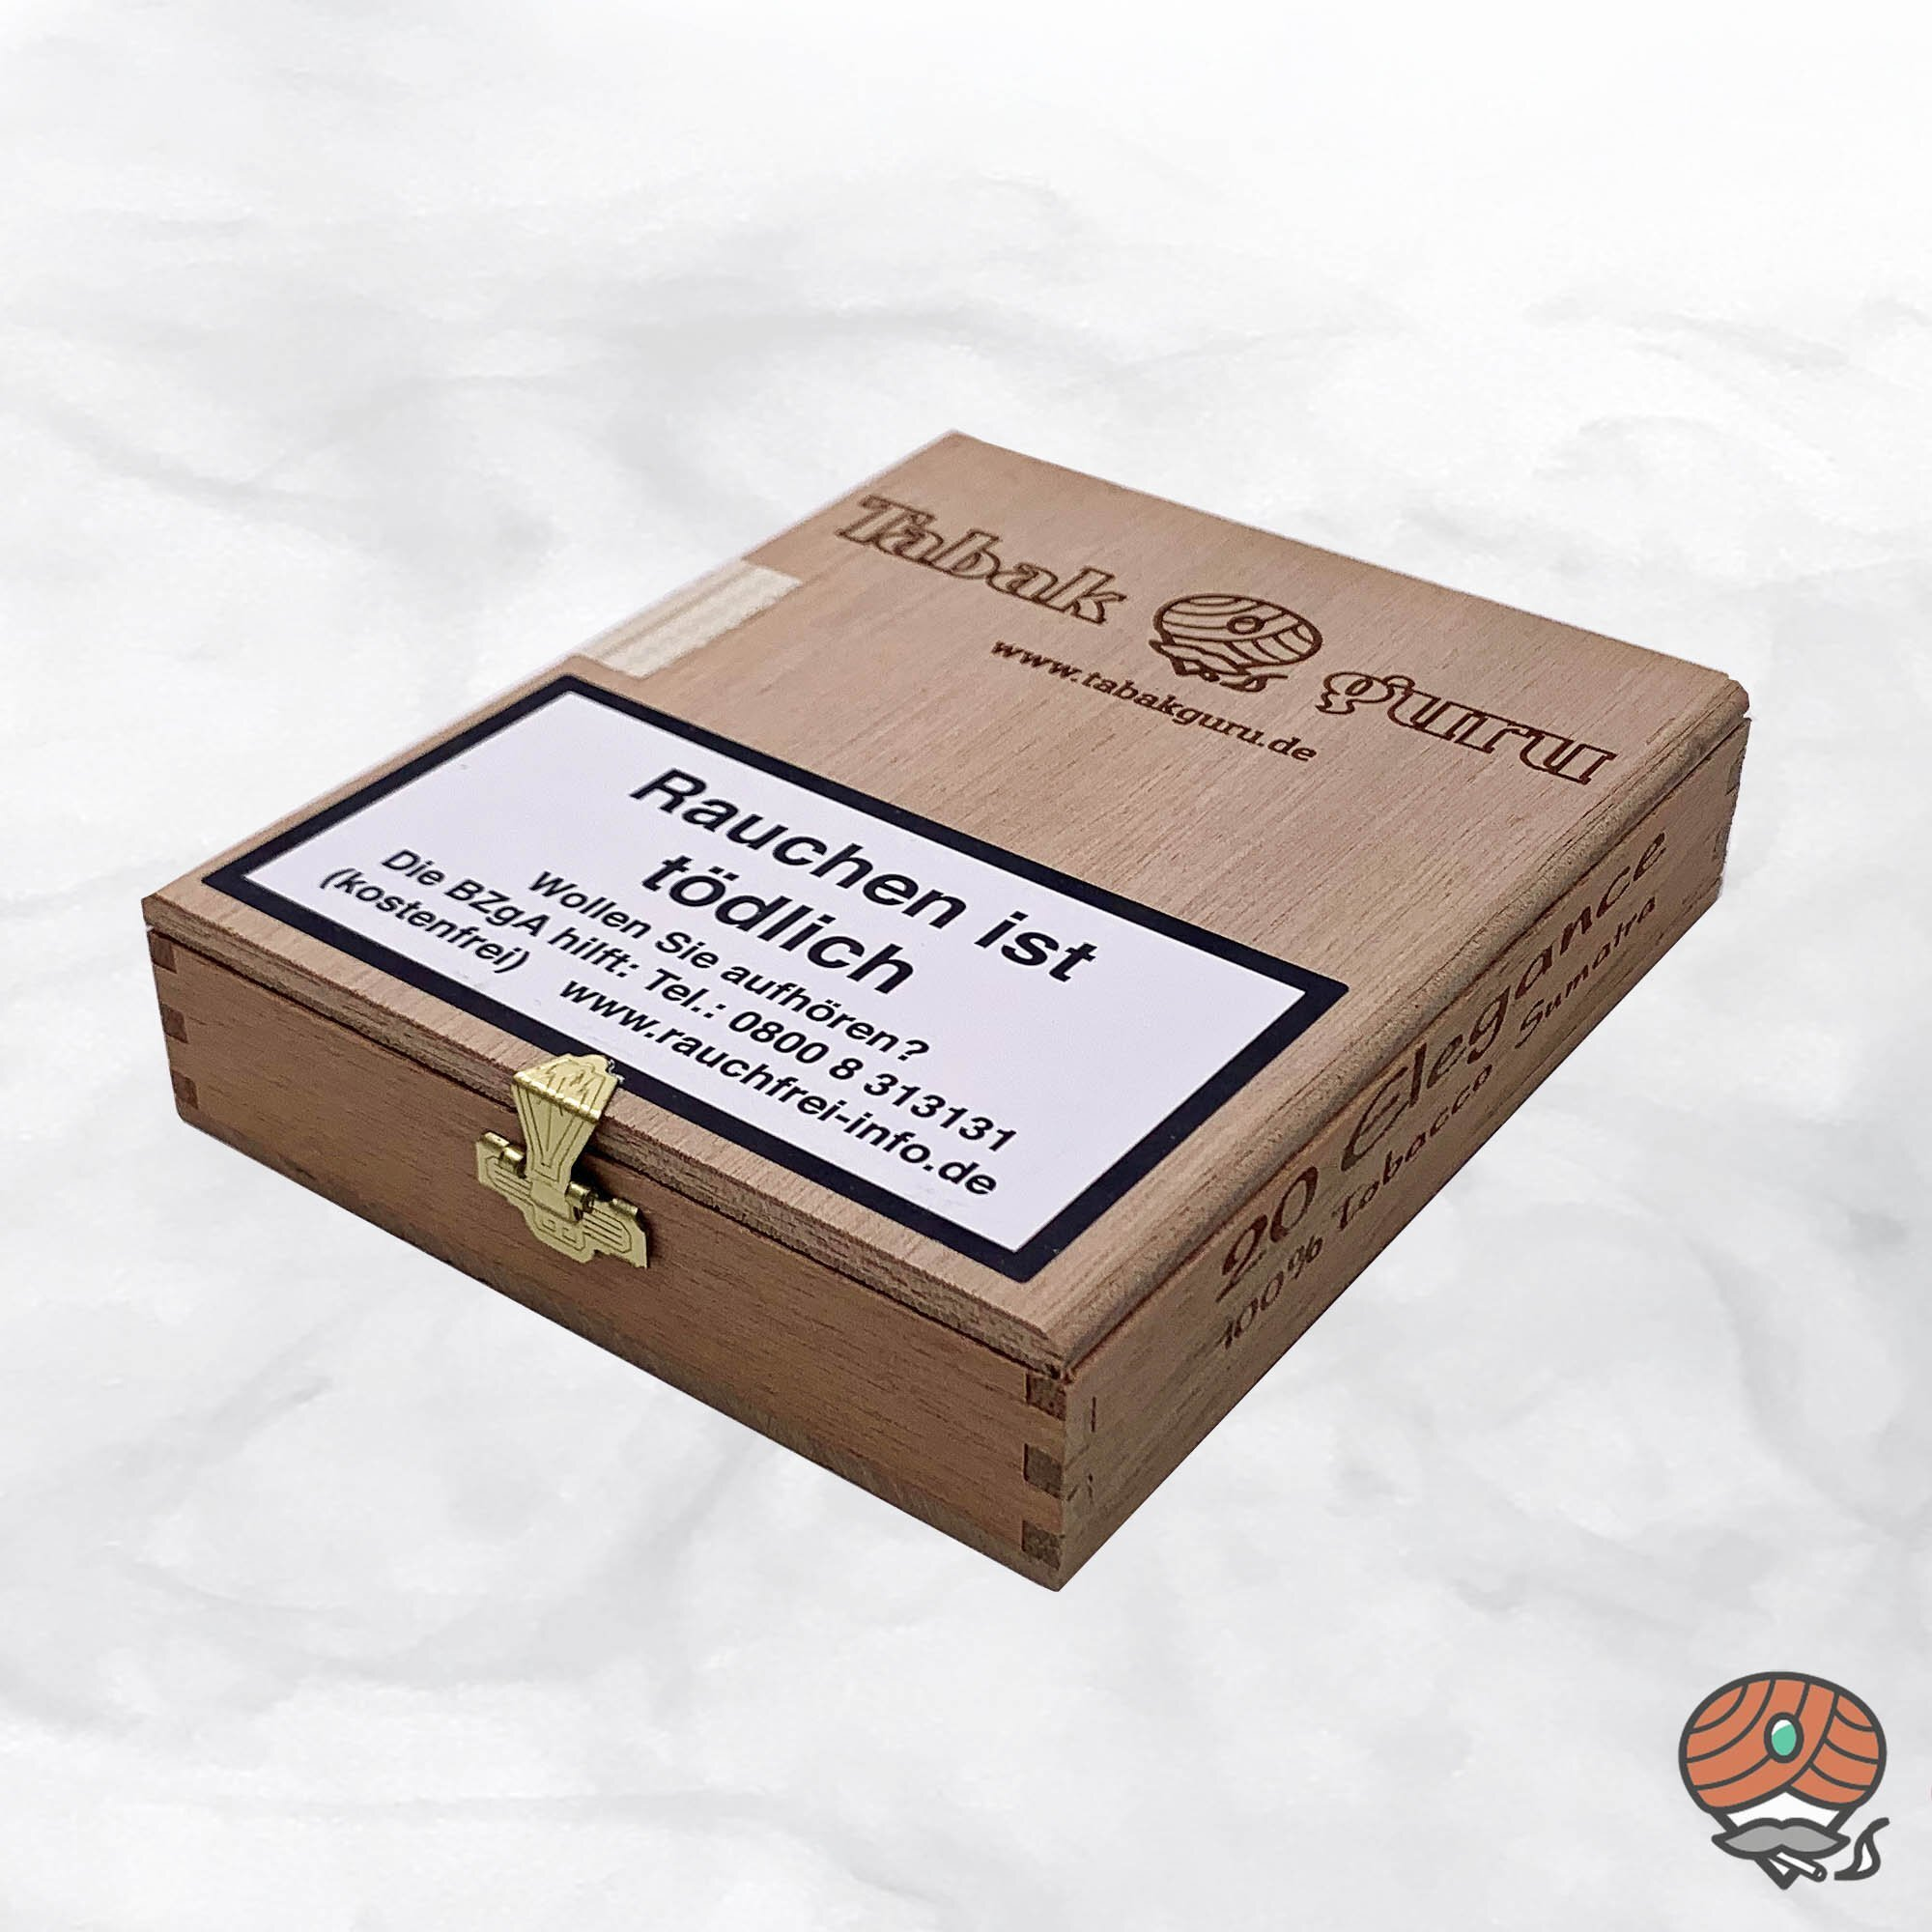 20 Tabakguru Elegance Sumatra Zigarren 100 % Tabak